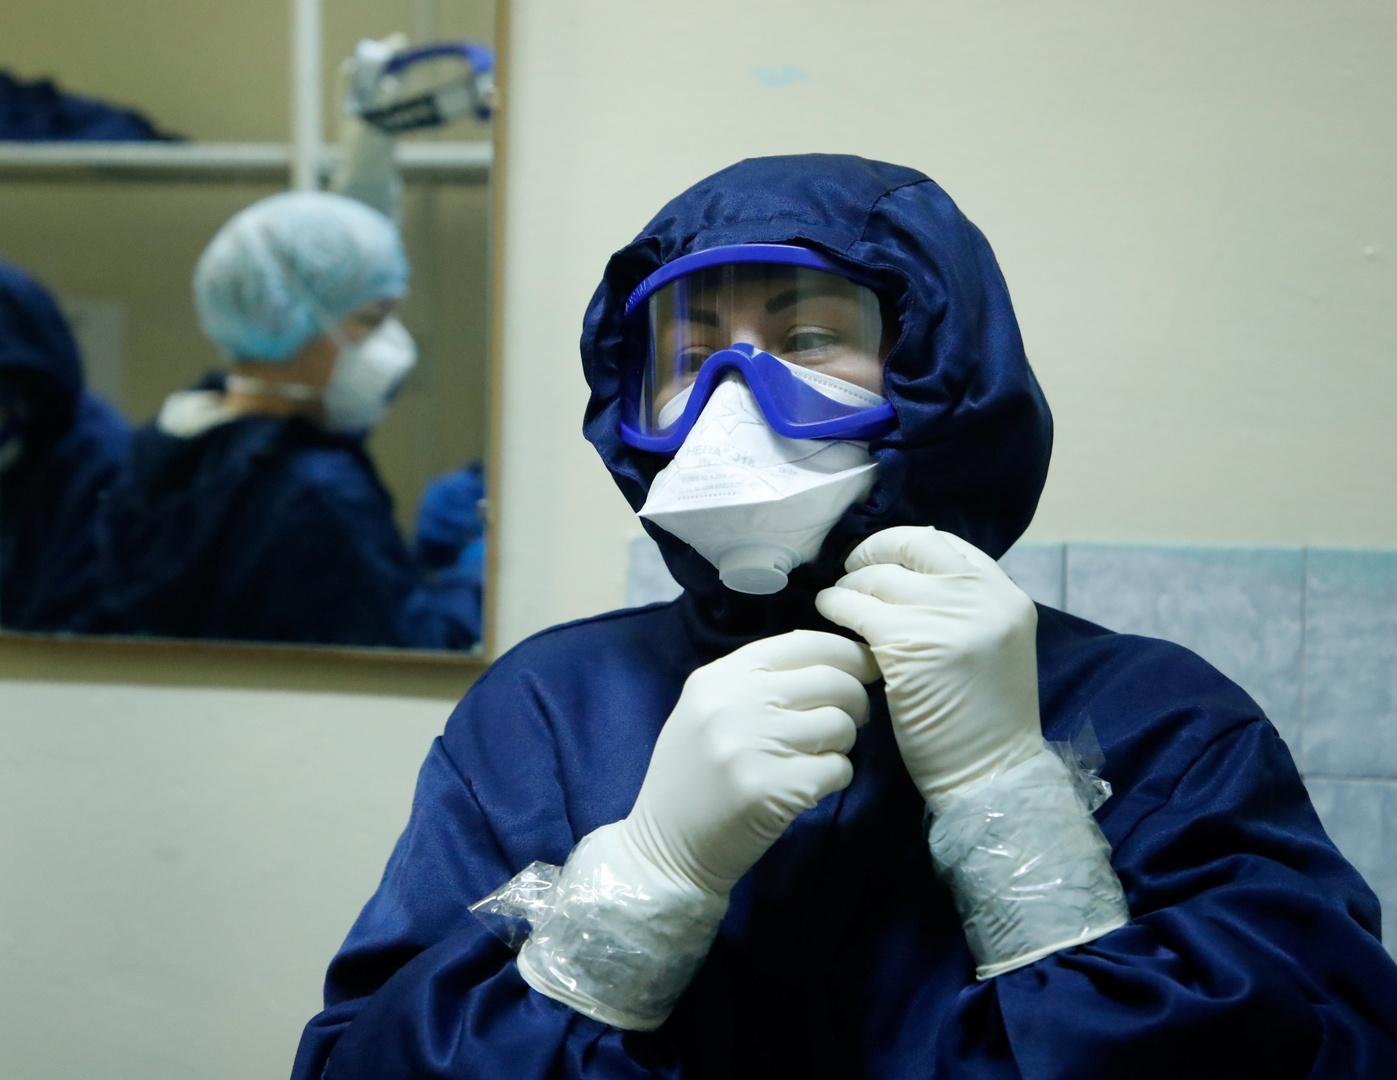 روسيا تسجل 790 وفاة و22.5 ألف إصابة بكورونا خلال 24 ساعة